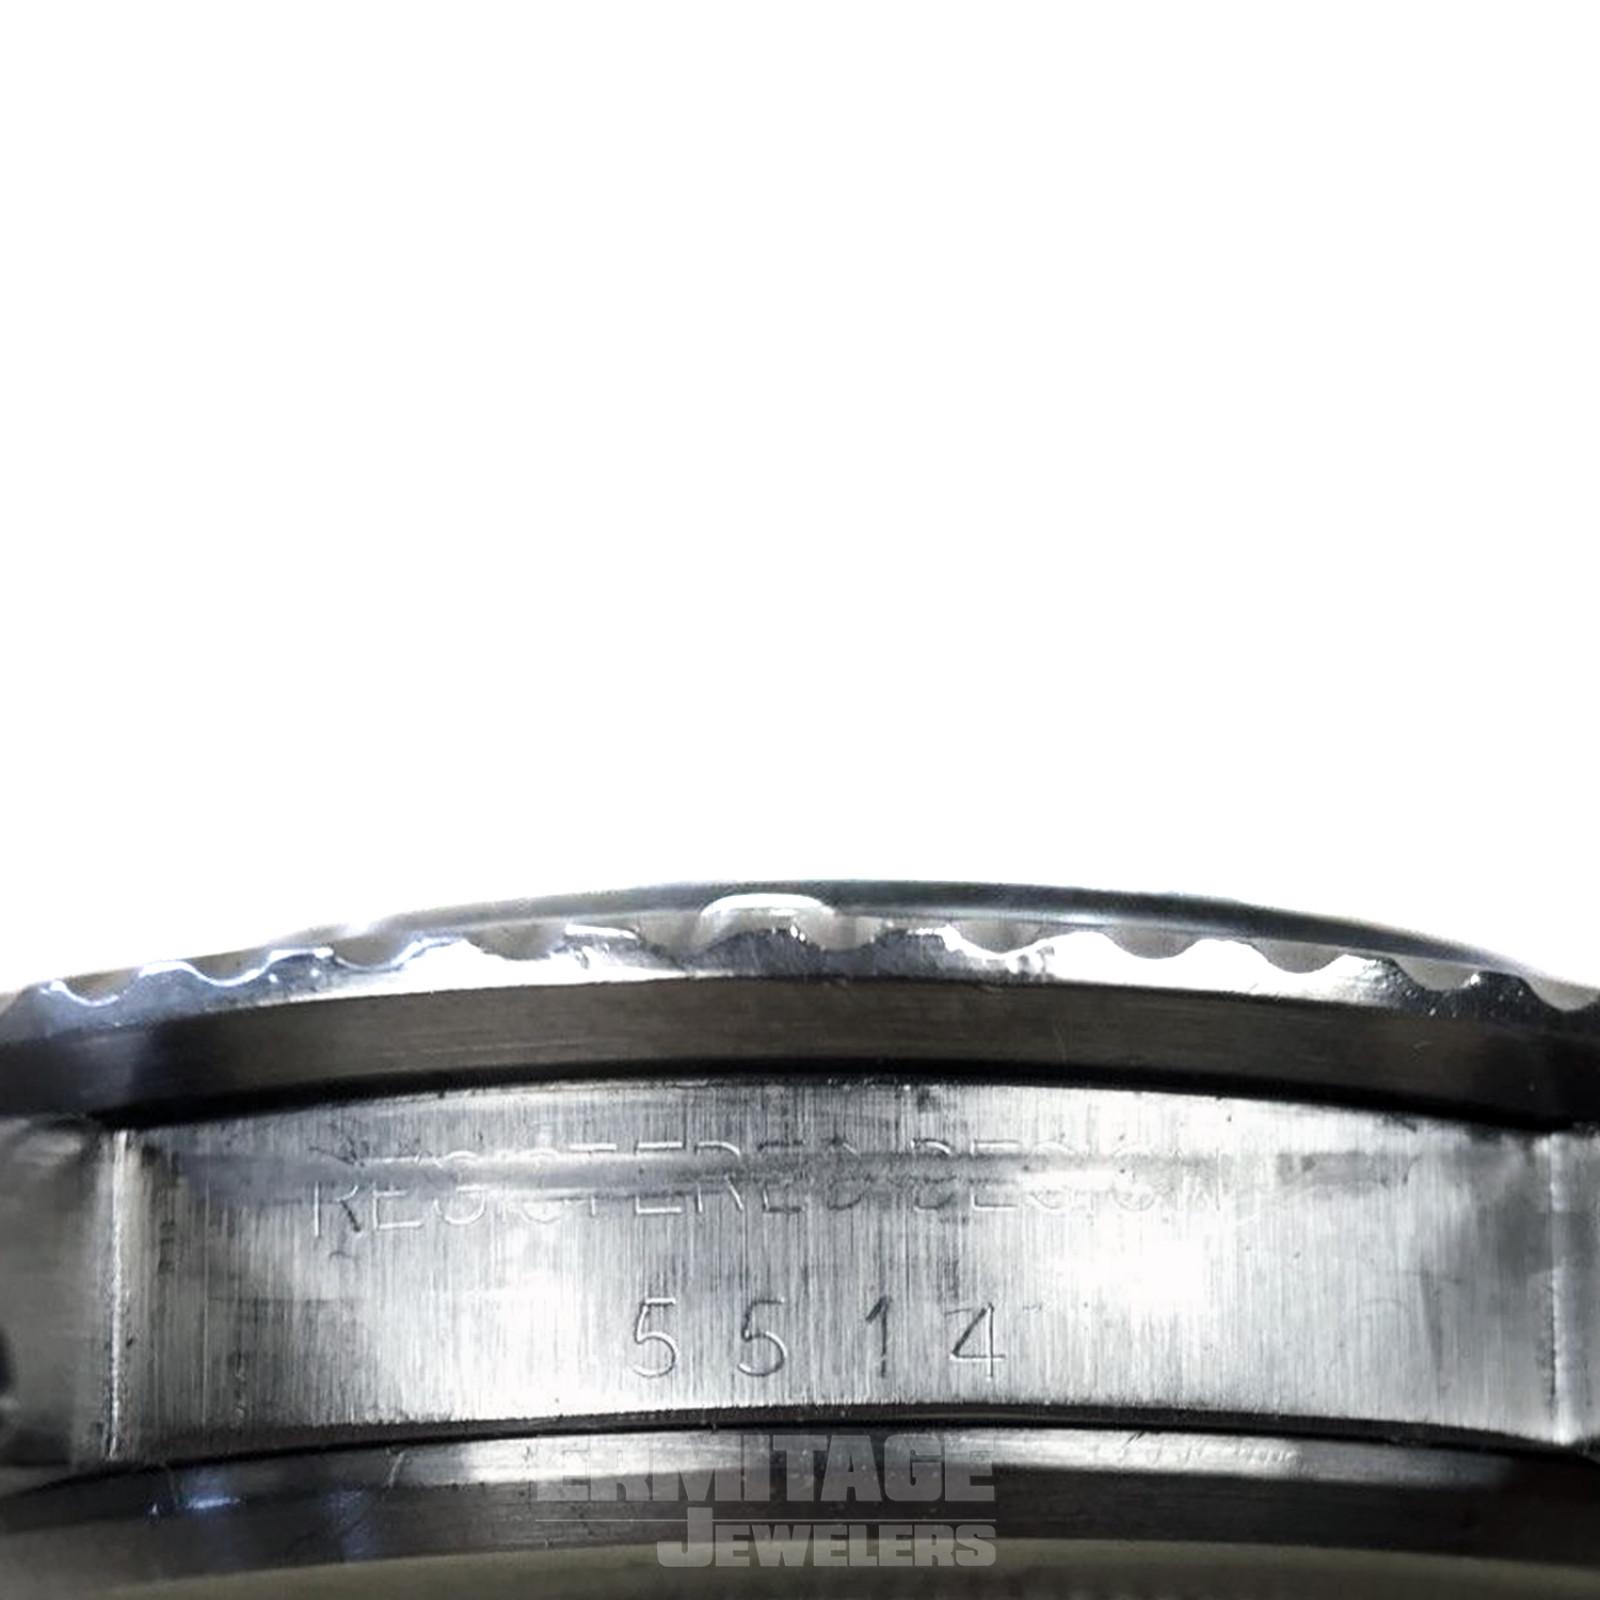 Vintage Rolex 5514 Rare Comex Submariner